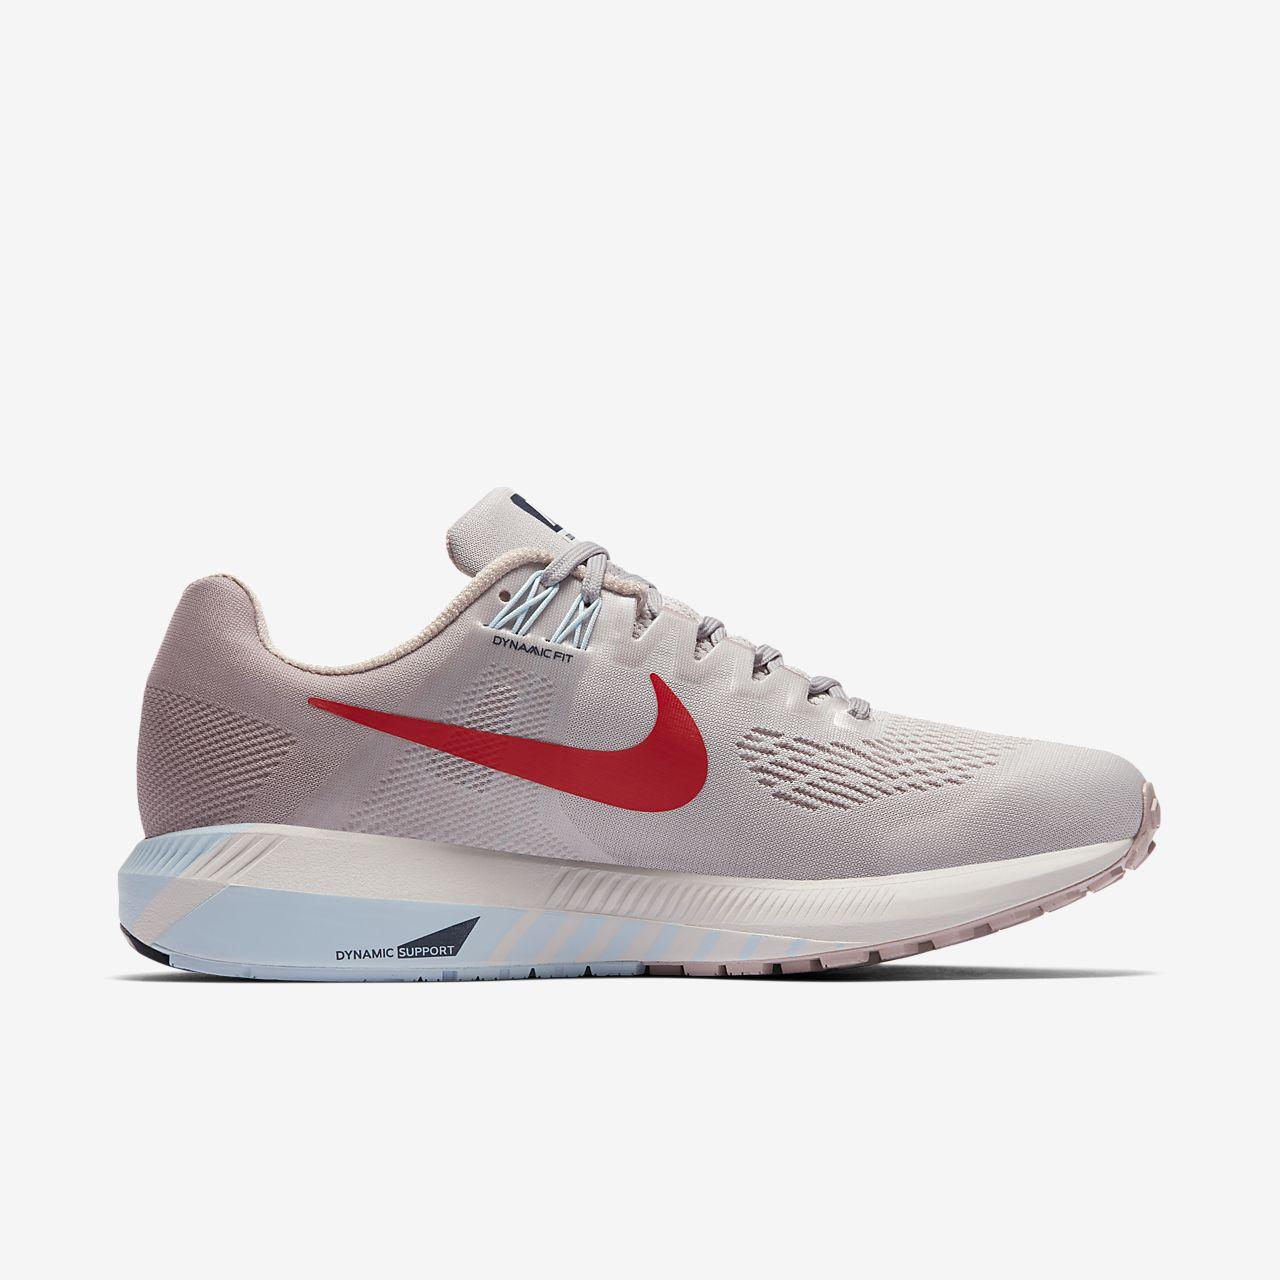 Nike Zoom Structure De L'air 21 Chaussures De Course ANVI3GDz88